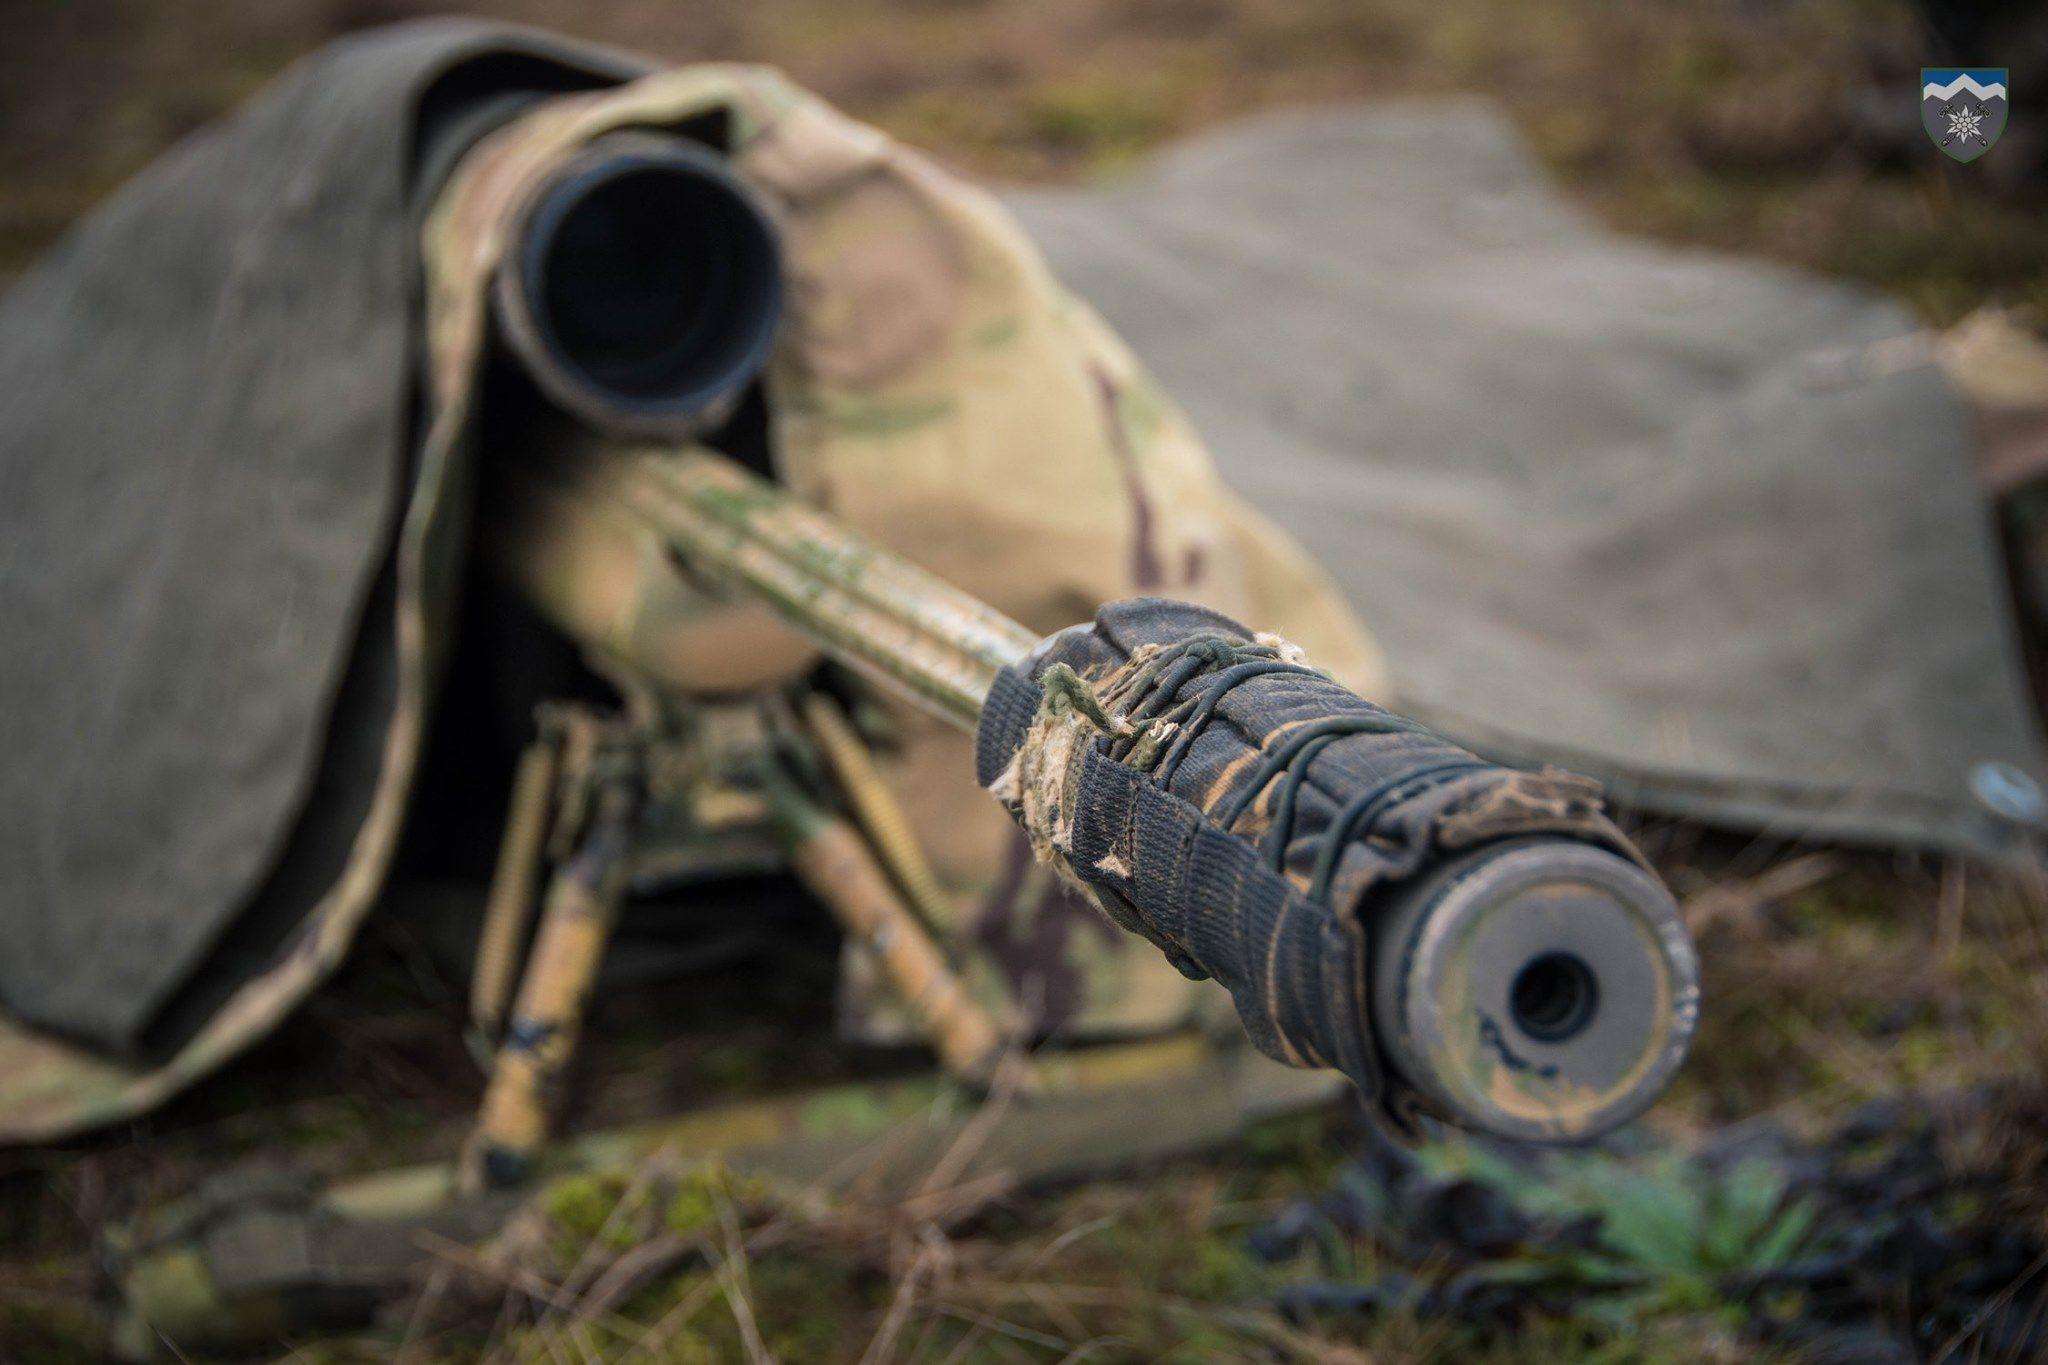 Хомчак: Загострення на Донбасі може бути пов'язане з санкціями РНБО за фінансування тероризму